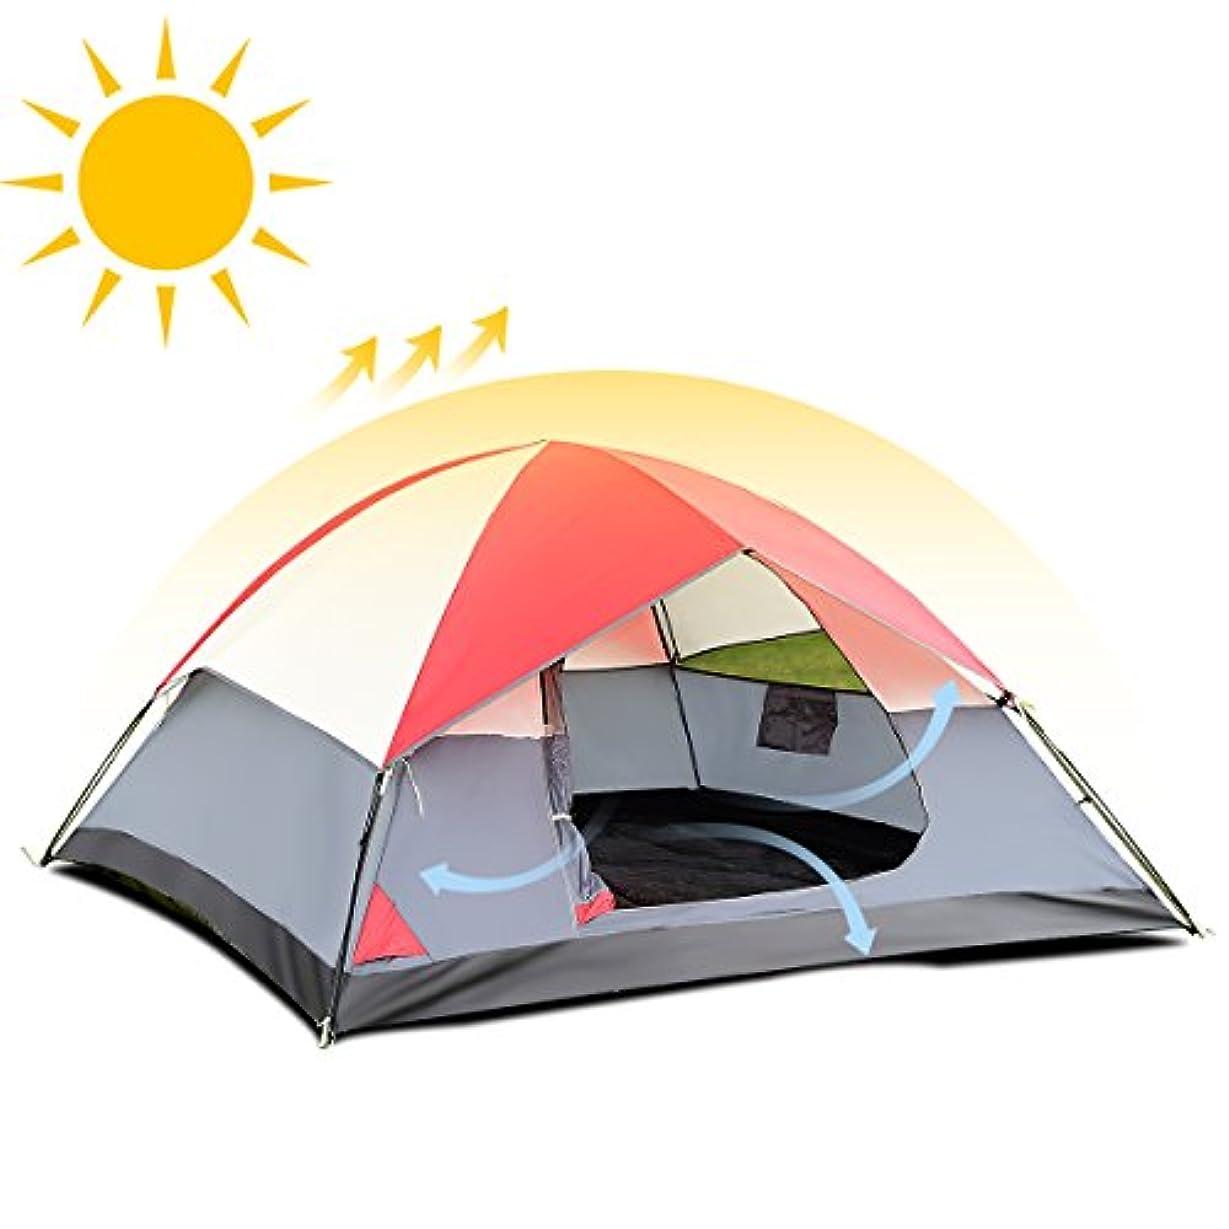 刈る小麦粉国家Costway テント 4人用 簡易テント 簡単設営 収納袋付き 日本語説明書付き